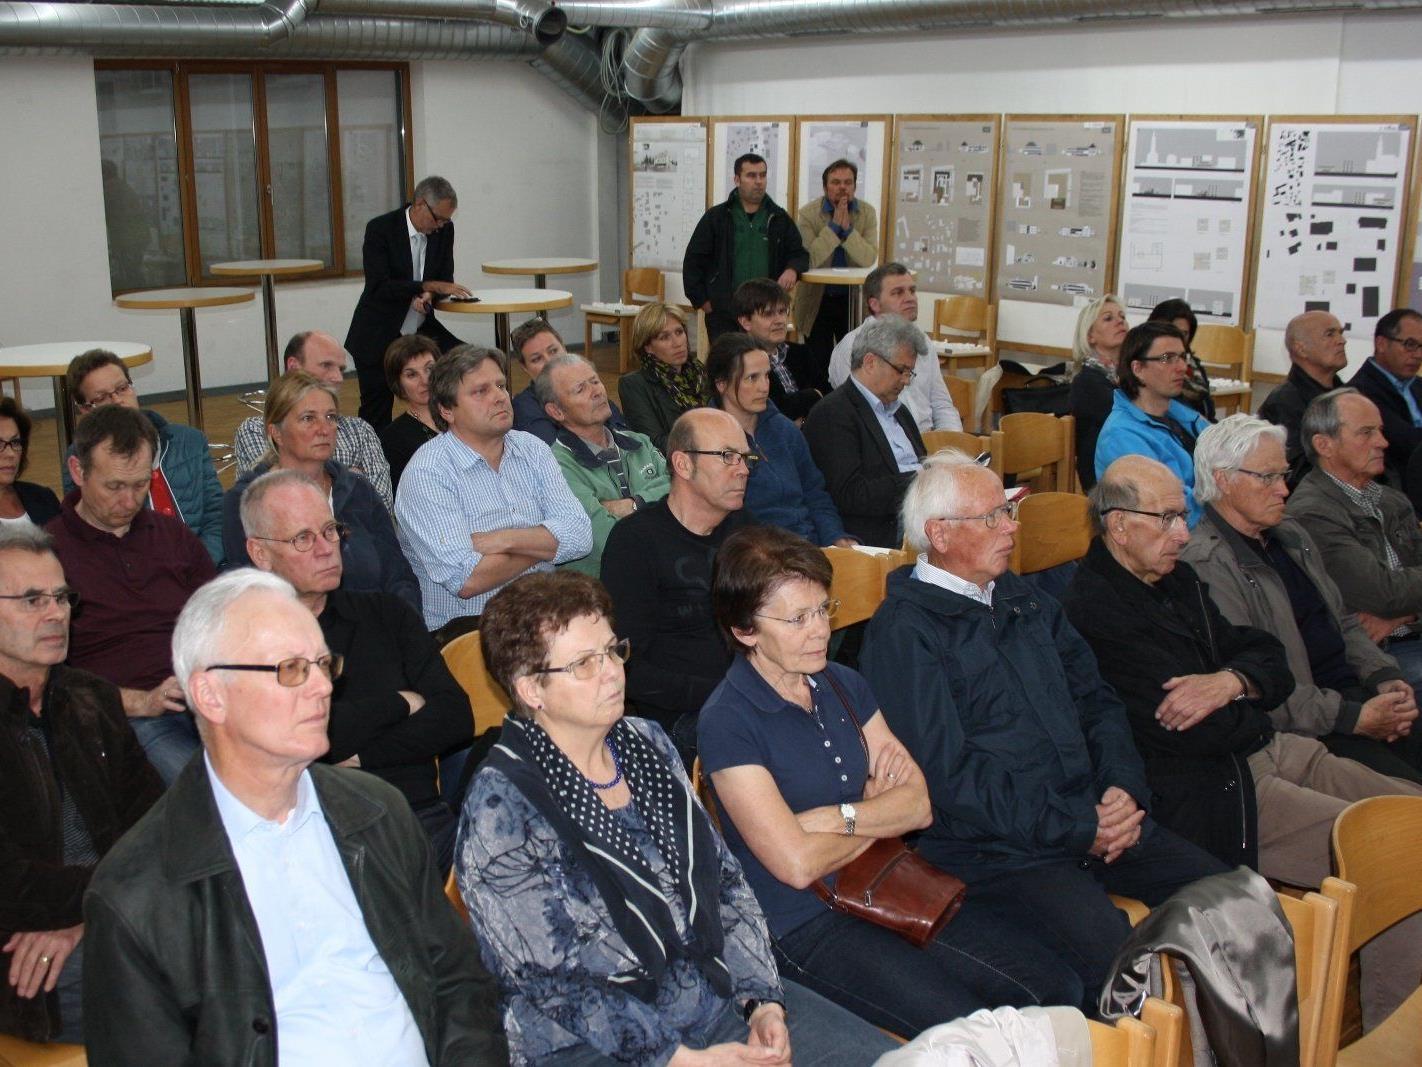 """Zahlreiche Informationsrunden in den Gemeindegremien samt einer öffentlichen Präsentation für die interessierten Gemeindebürger begleiteten den bisherigen Weg zum neu geplanten """"Gemeinschaftshaus""""."""